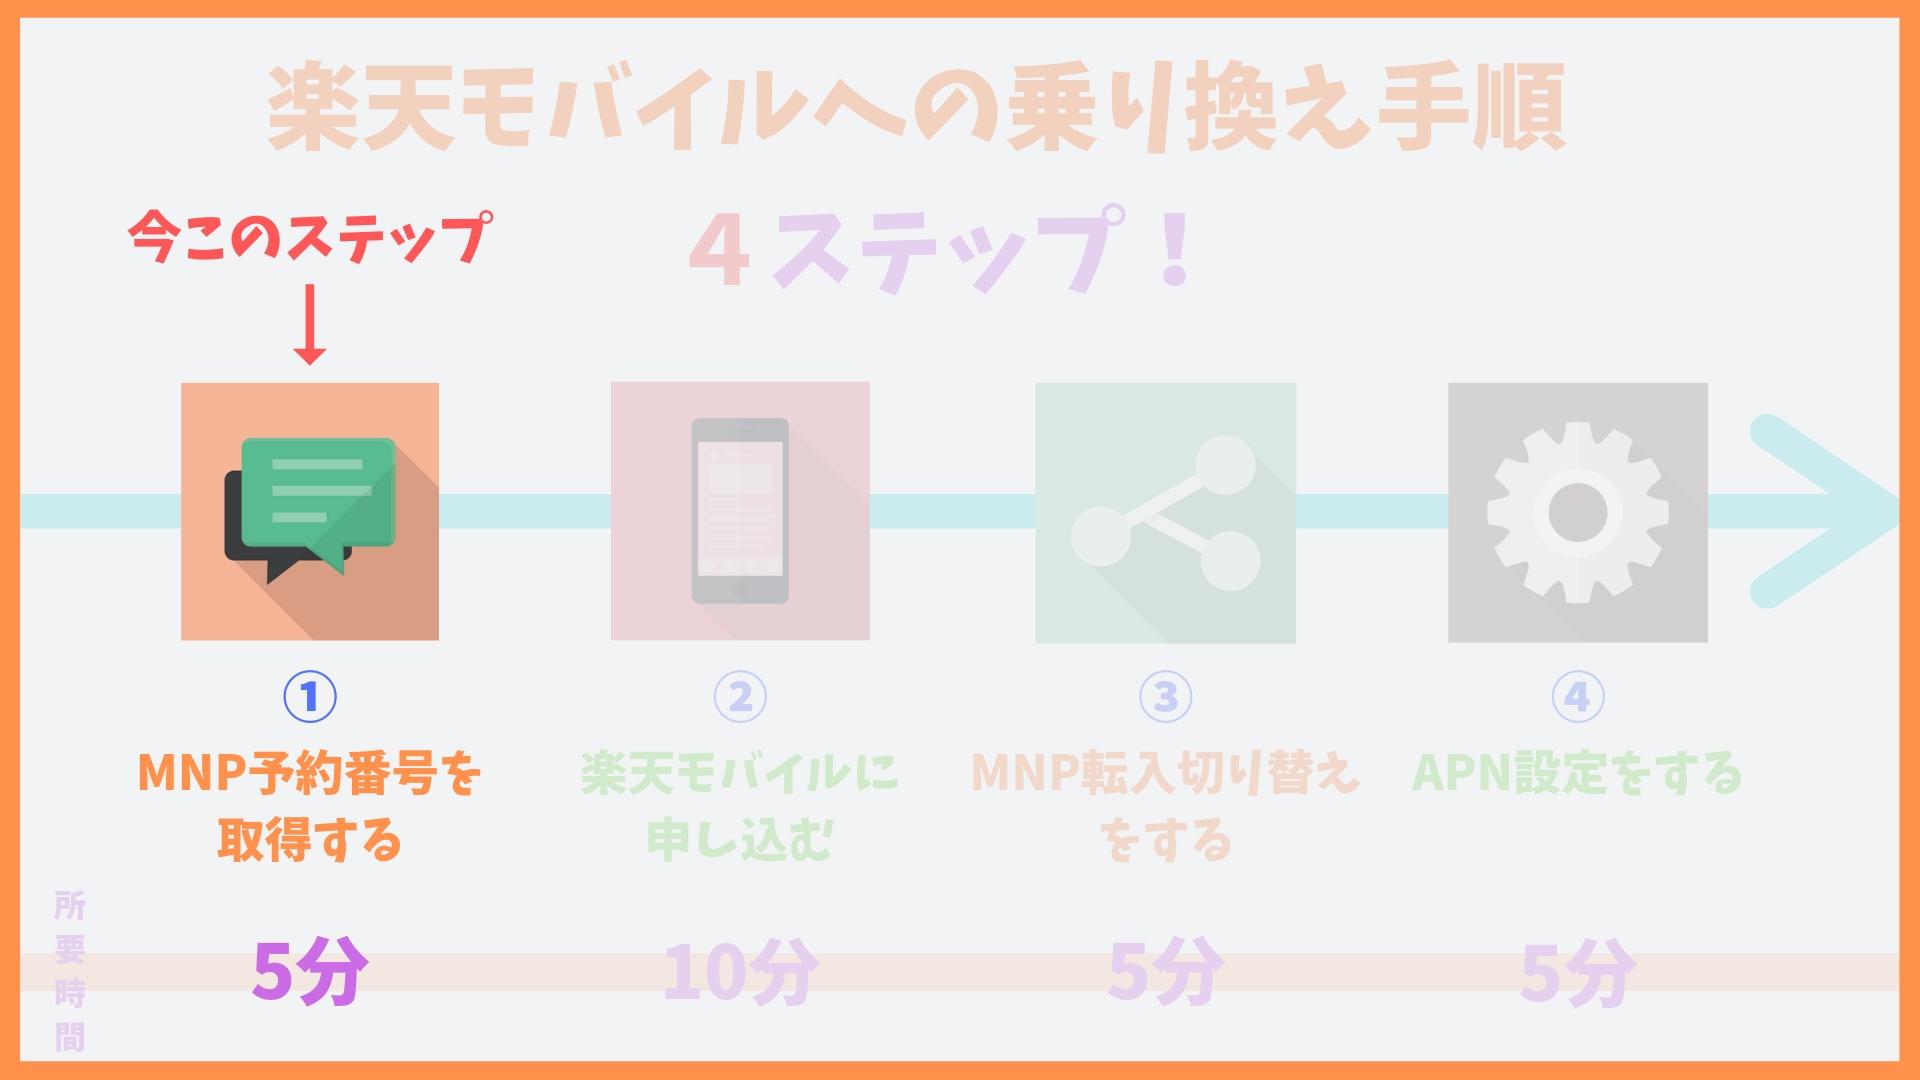 楽天モバイルMNP予約番号の取得方法